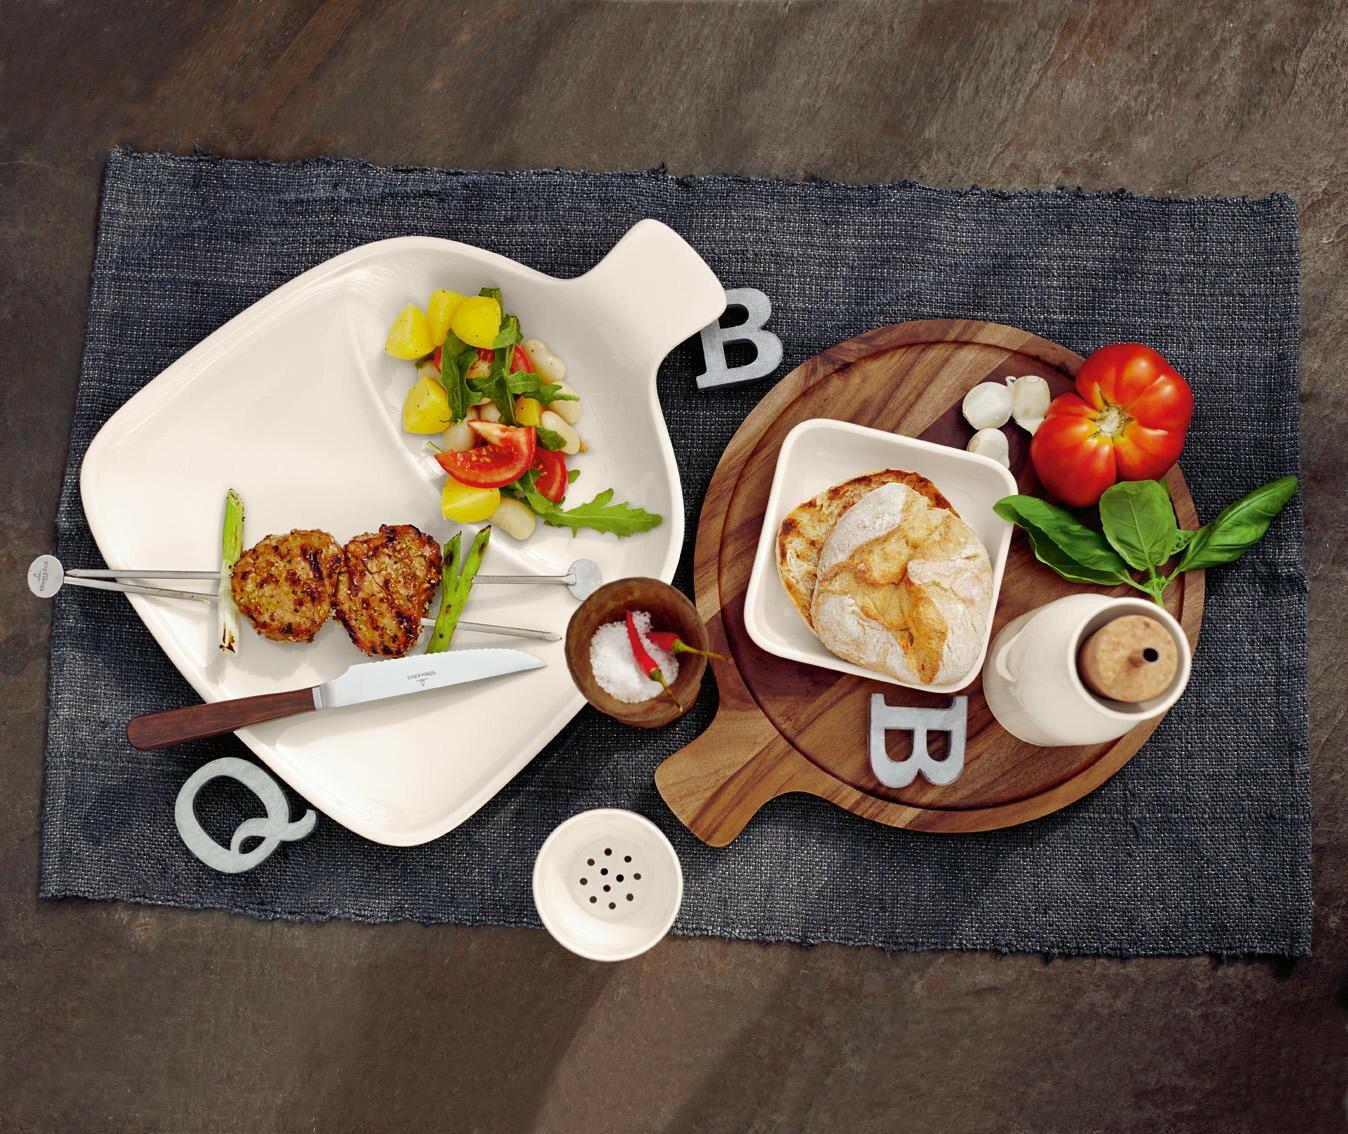 德國唯寶Villeroy & Boch 唯寶 Artesano 原木盛菜盤 點心盤 前菜盤 3